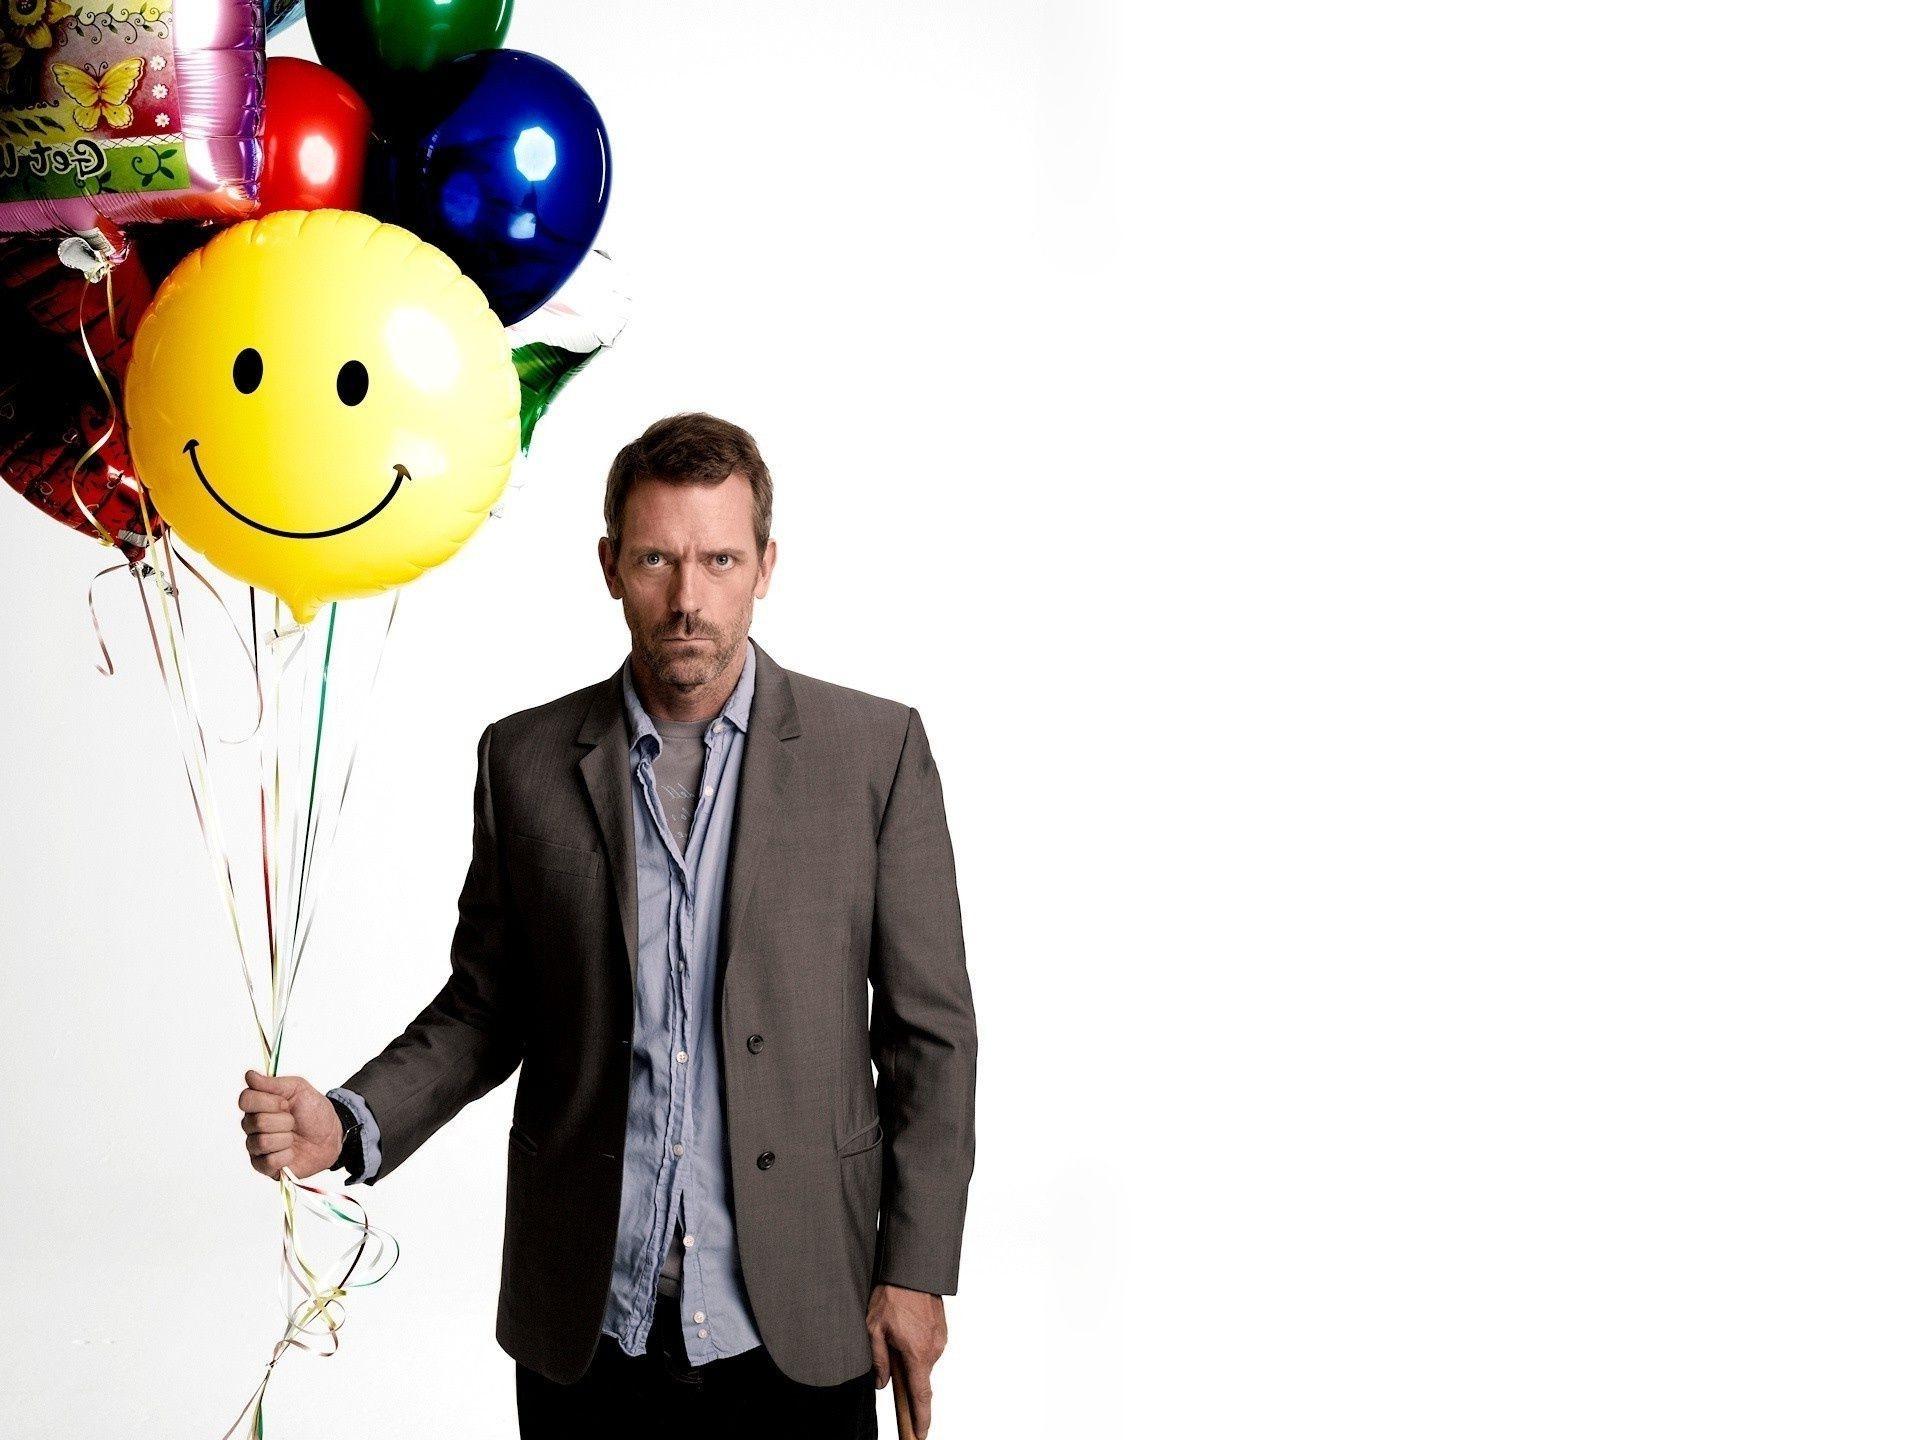 День рождения поздравления мужчин врач